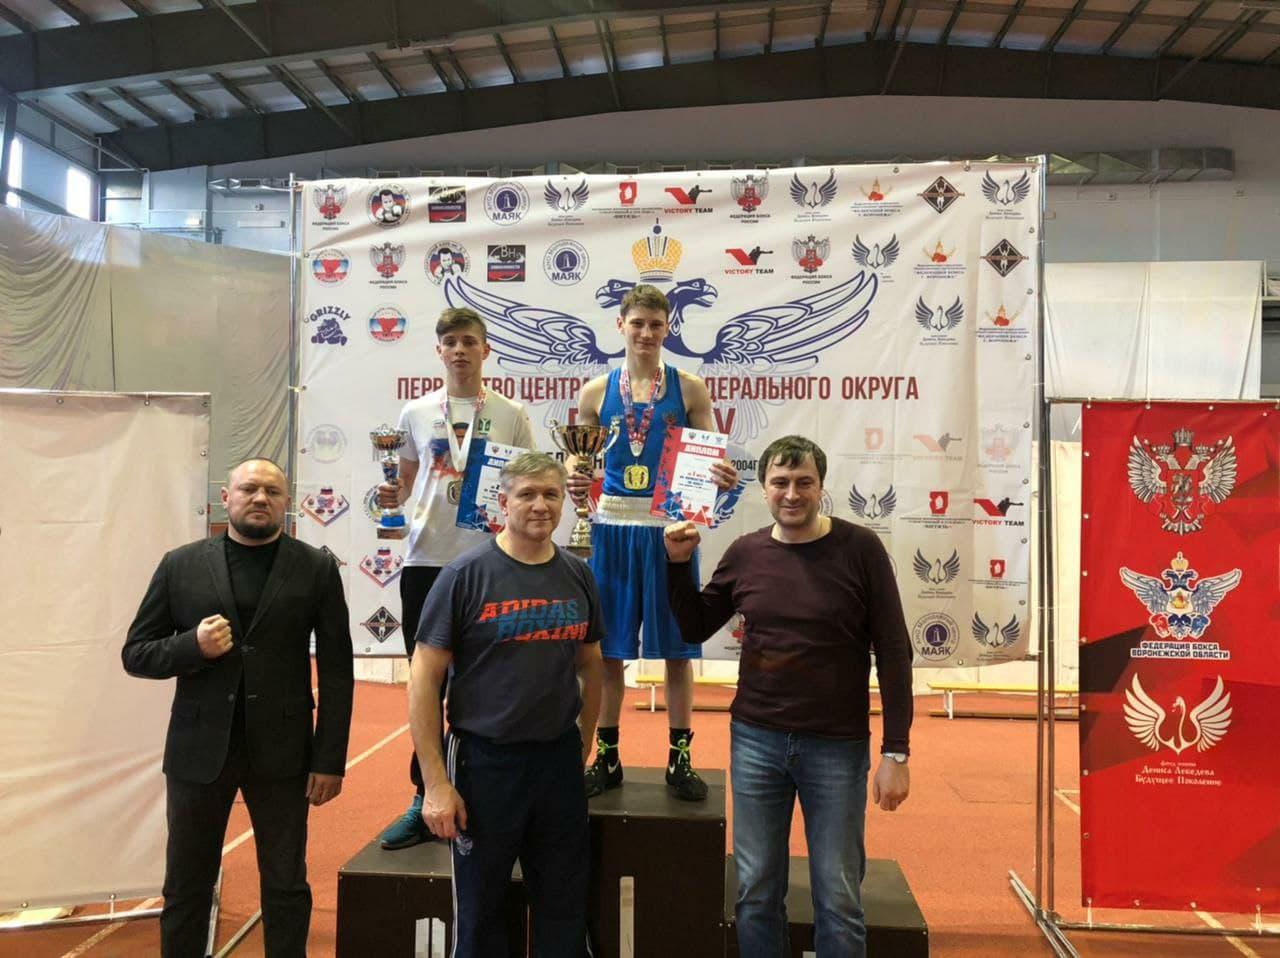 Боксёры из Подмосковья стали лучшими на юниорском первенстве ЦФО